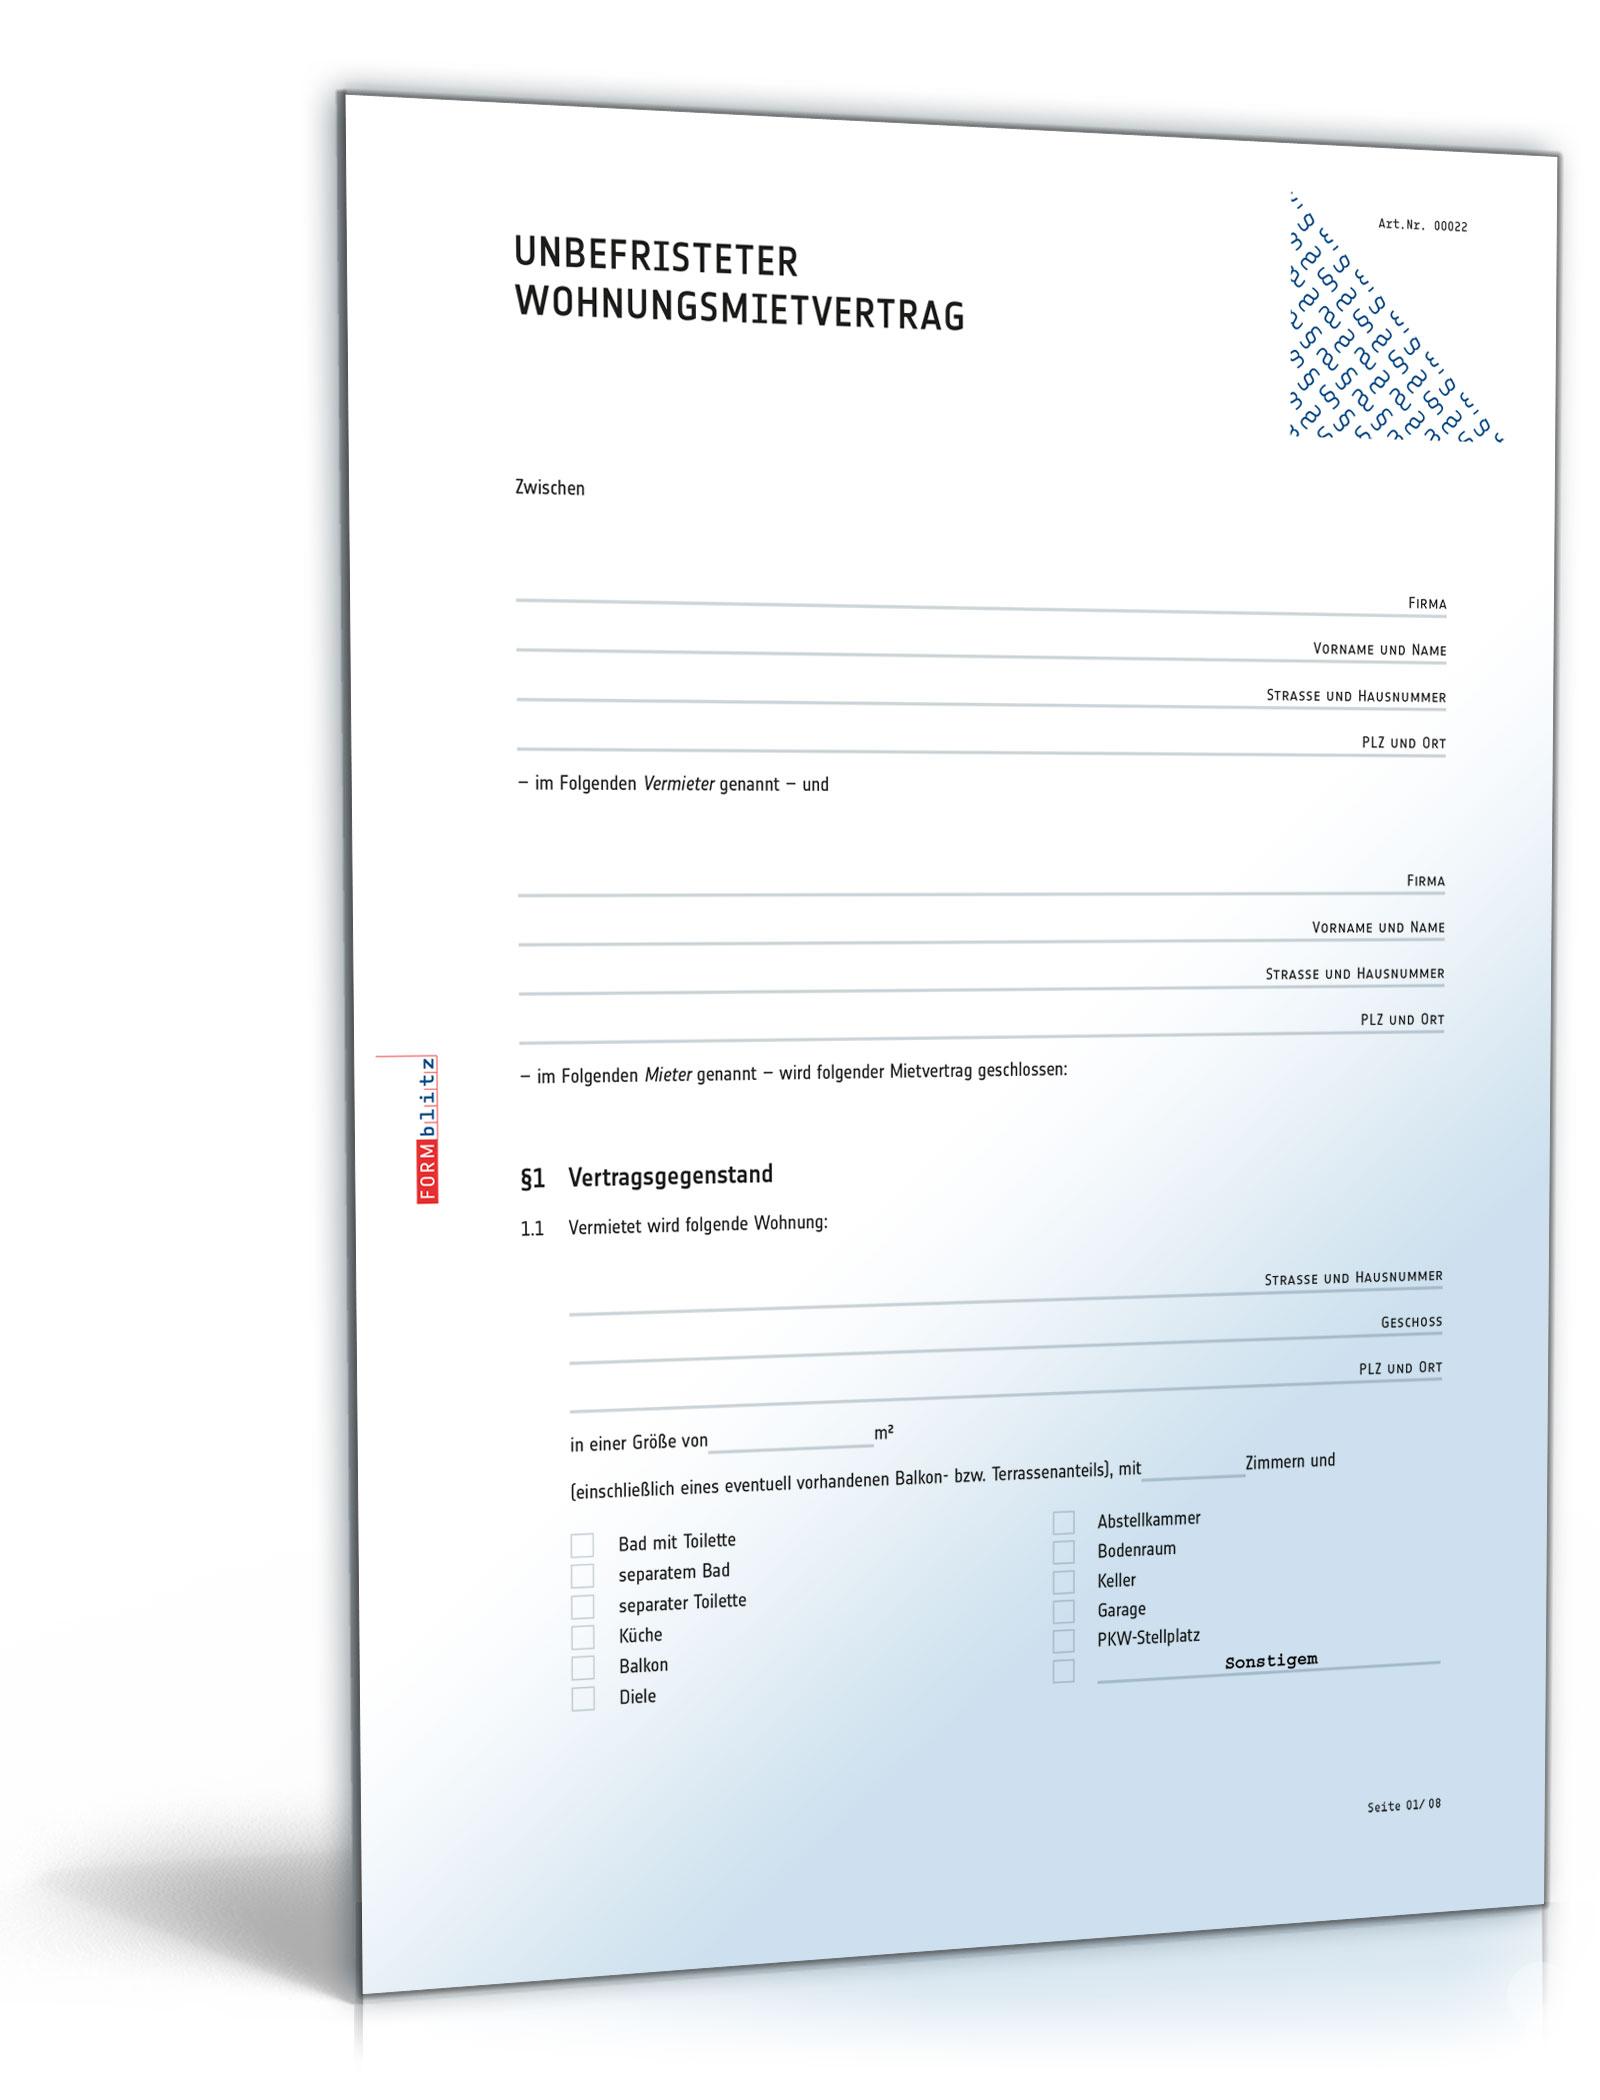 standardmietvertrag fr eine wohnung download mietvertrag pdf - Ubergabeprotokoll Mietwohnung Muster